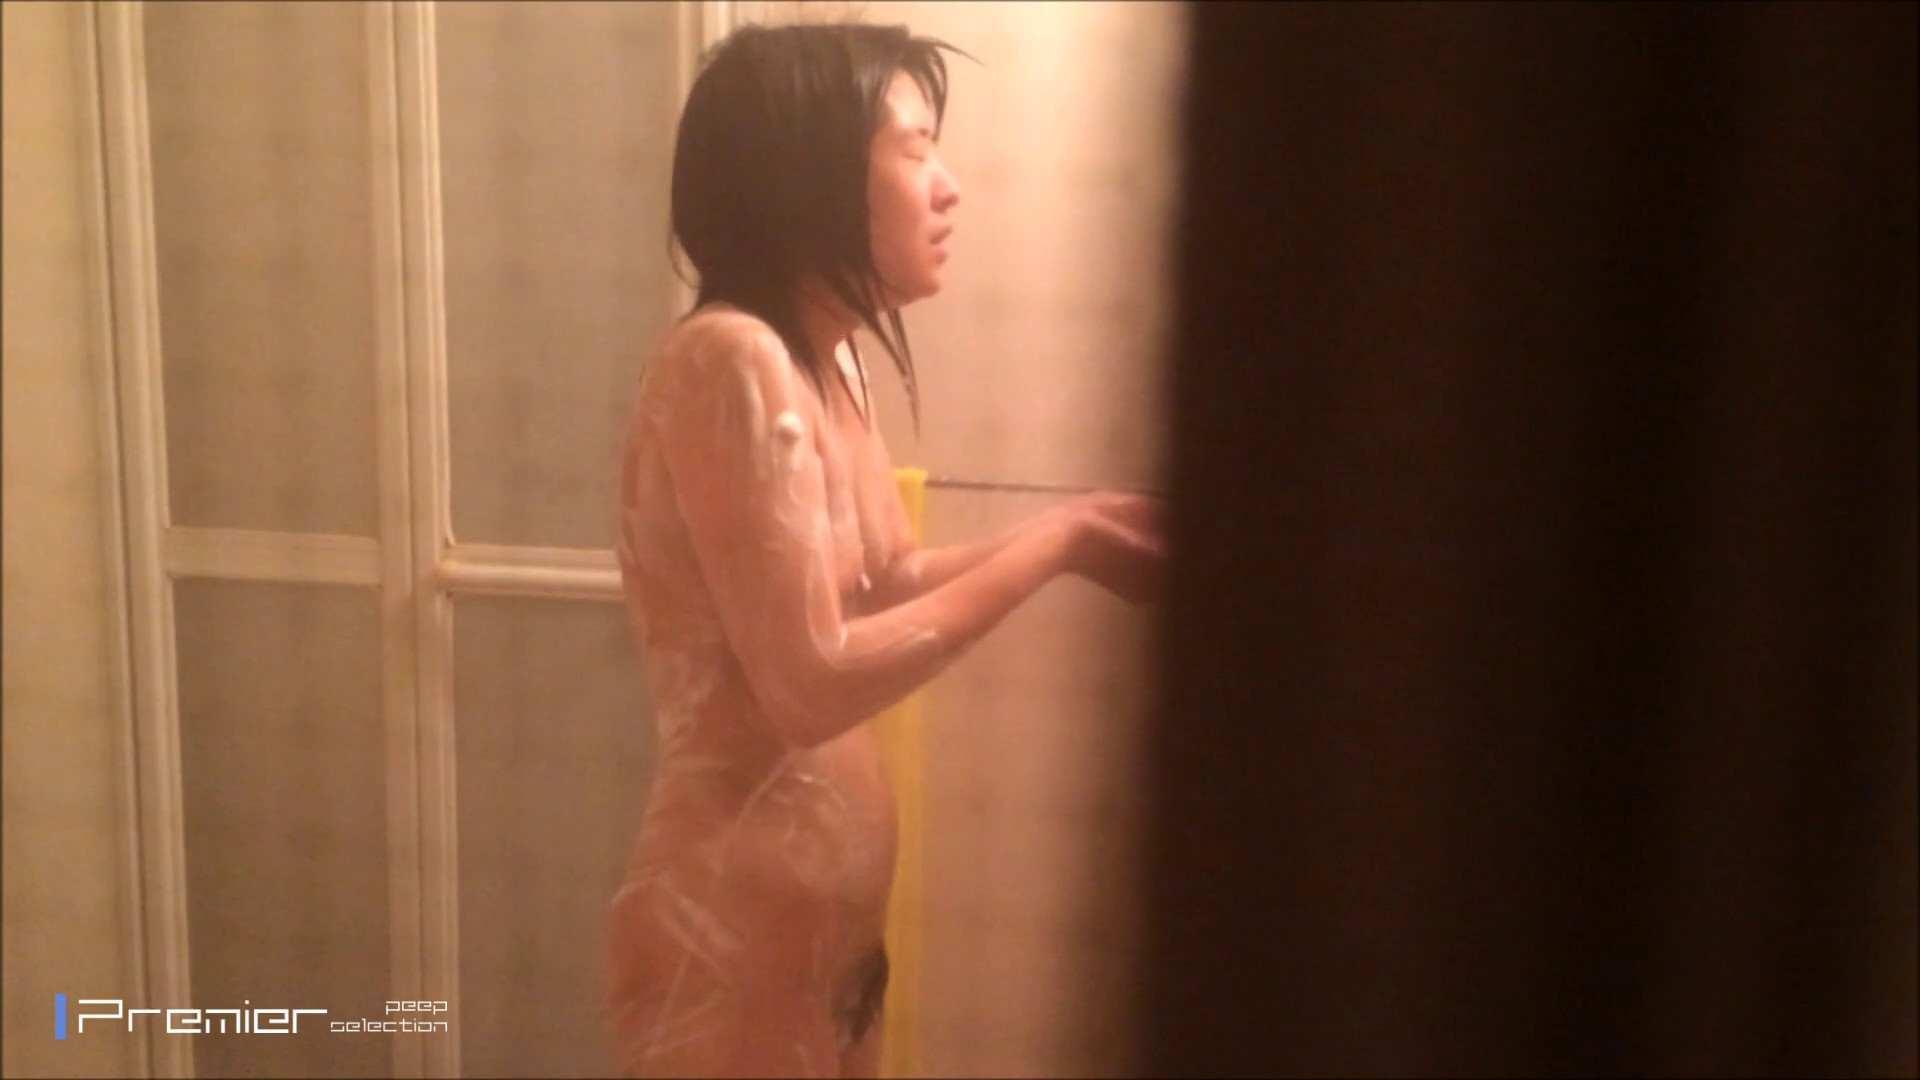 シャワーのお湯を跳ね返すお肌 乙女の風呂場 Vol.03 丸見え  96PIX 10